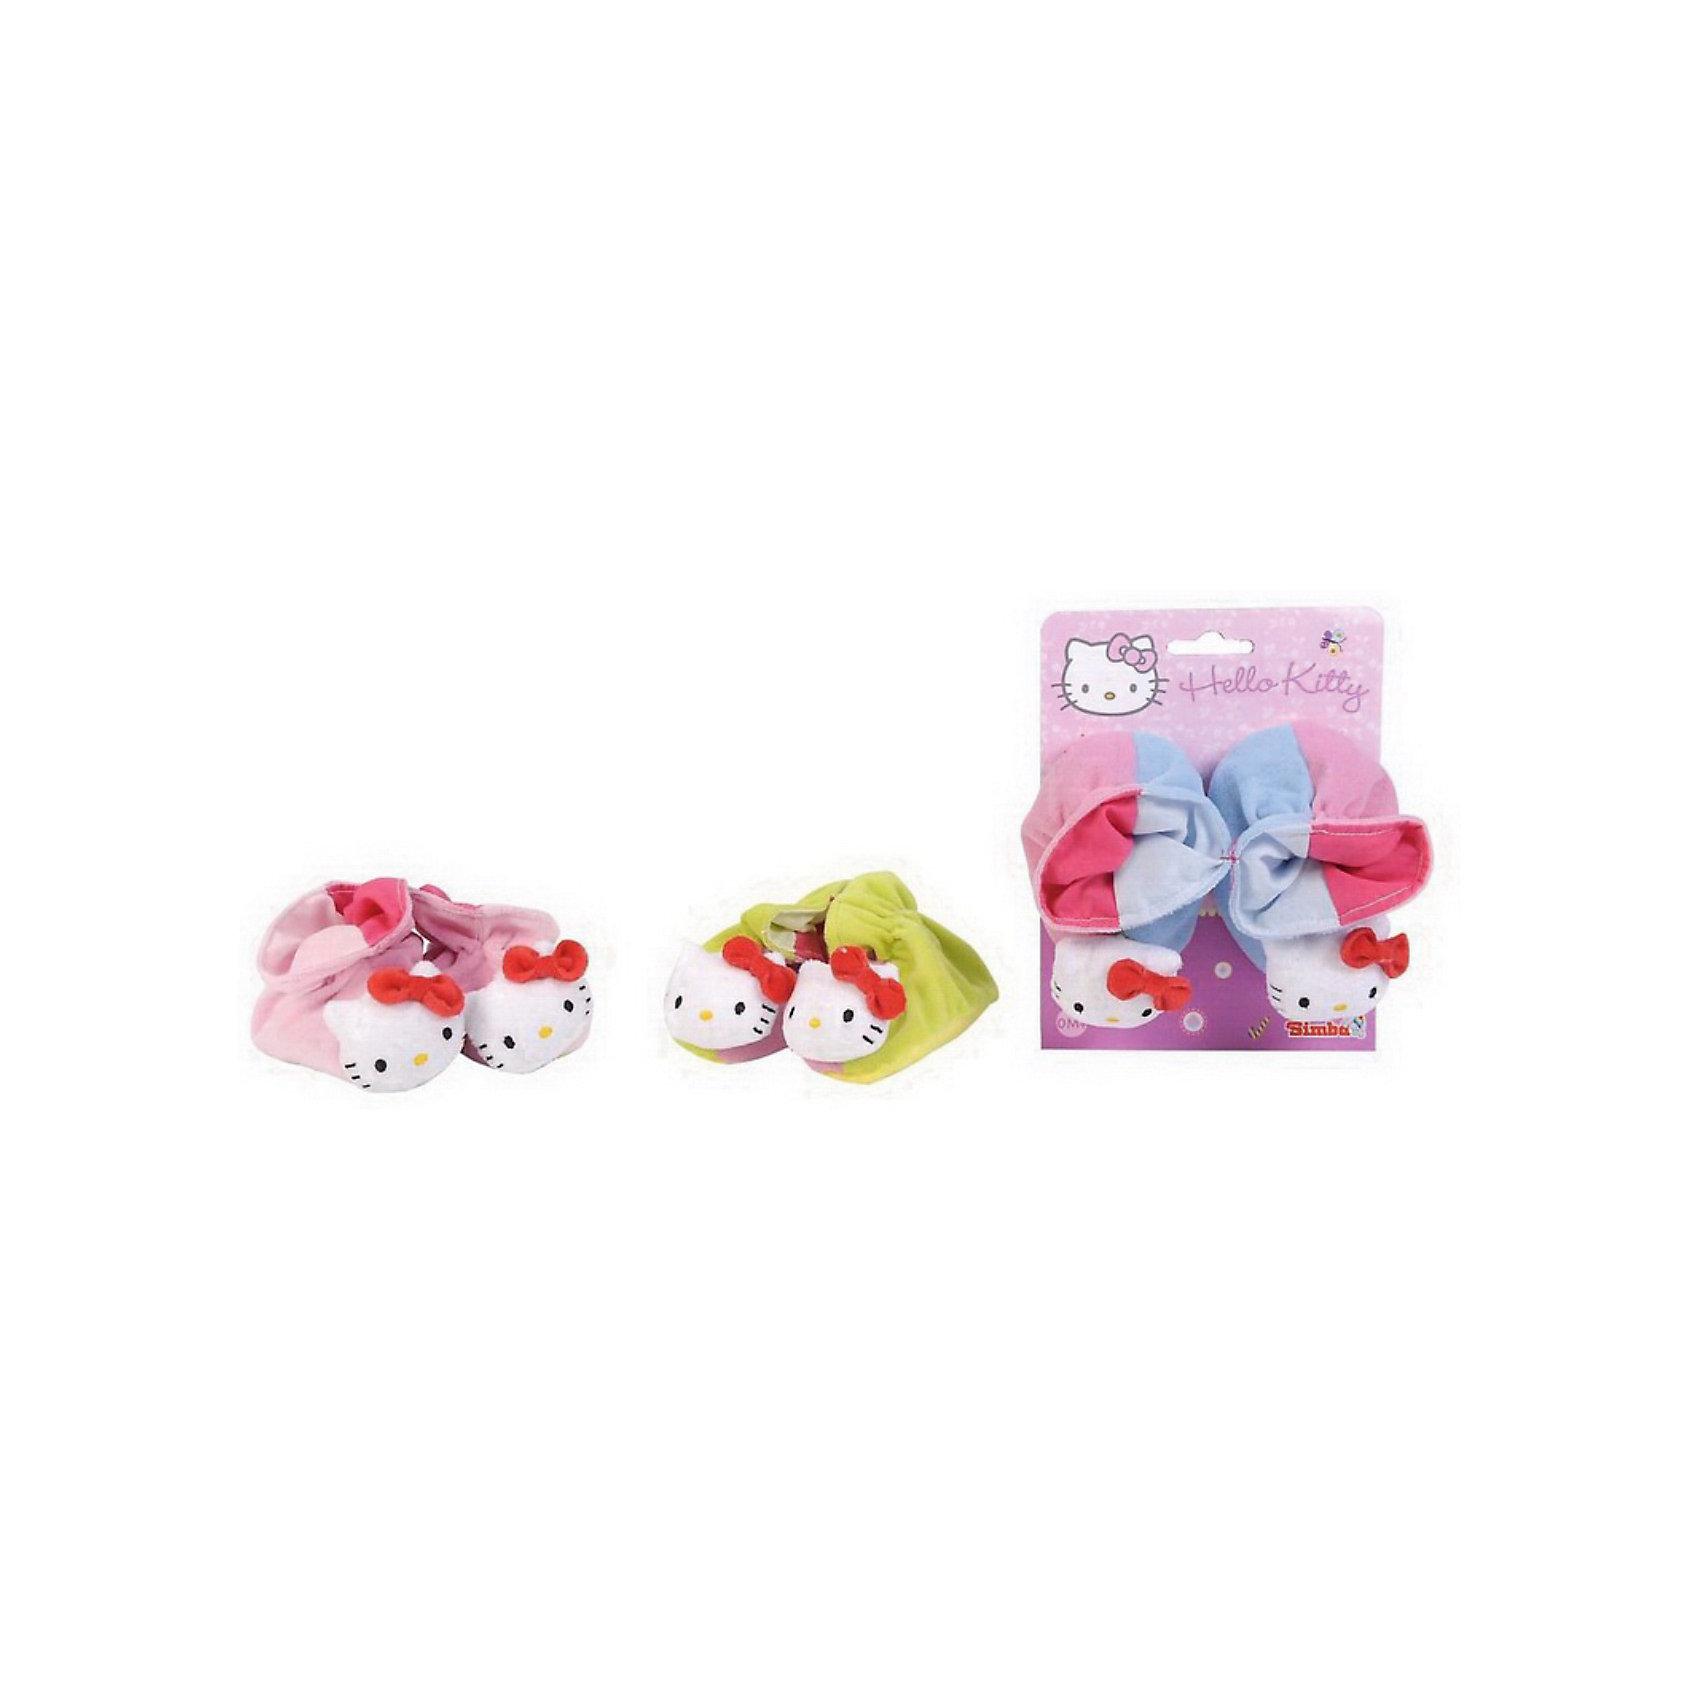 Simba Hello Kitty Тапочки-погремушки, размер 13 см, от 0-го месяца погремушки simba турник с погремушками 60 см 8 8